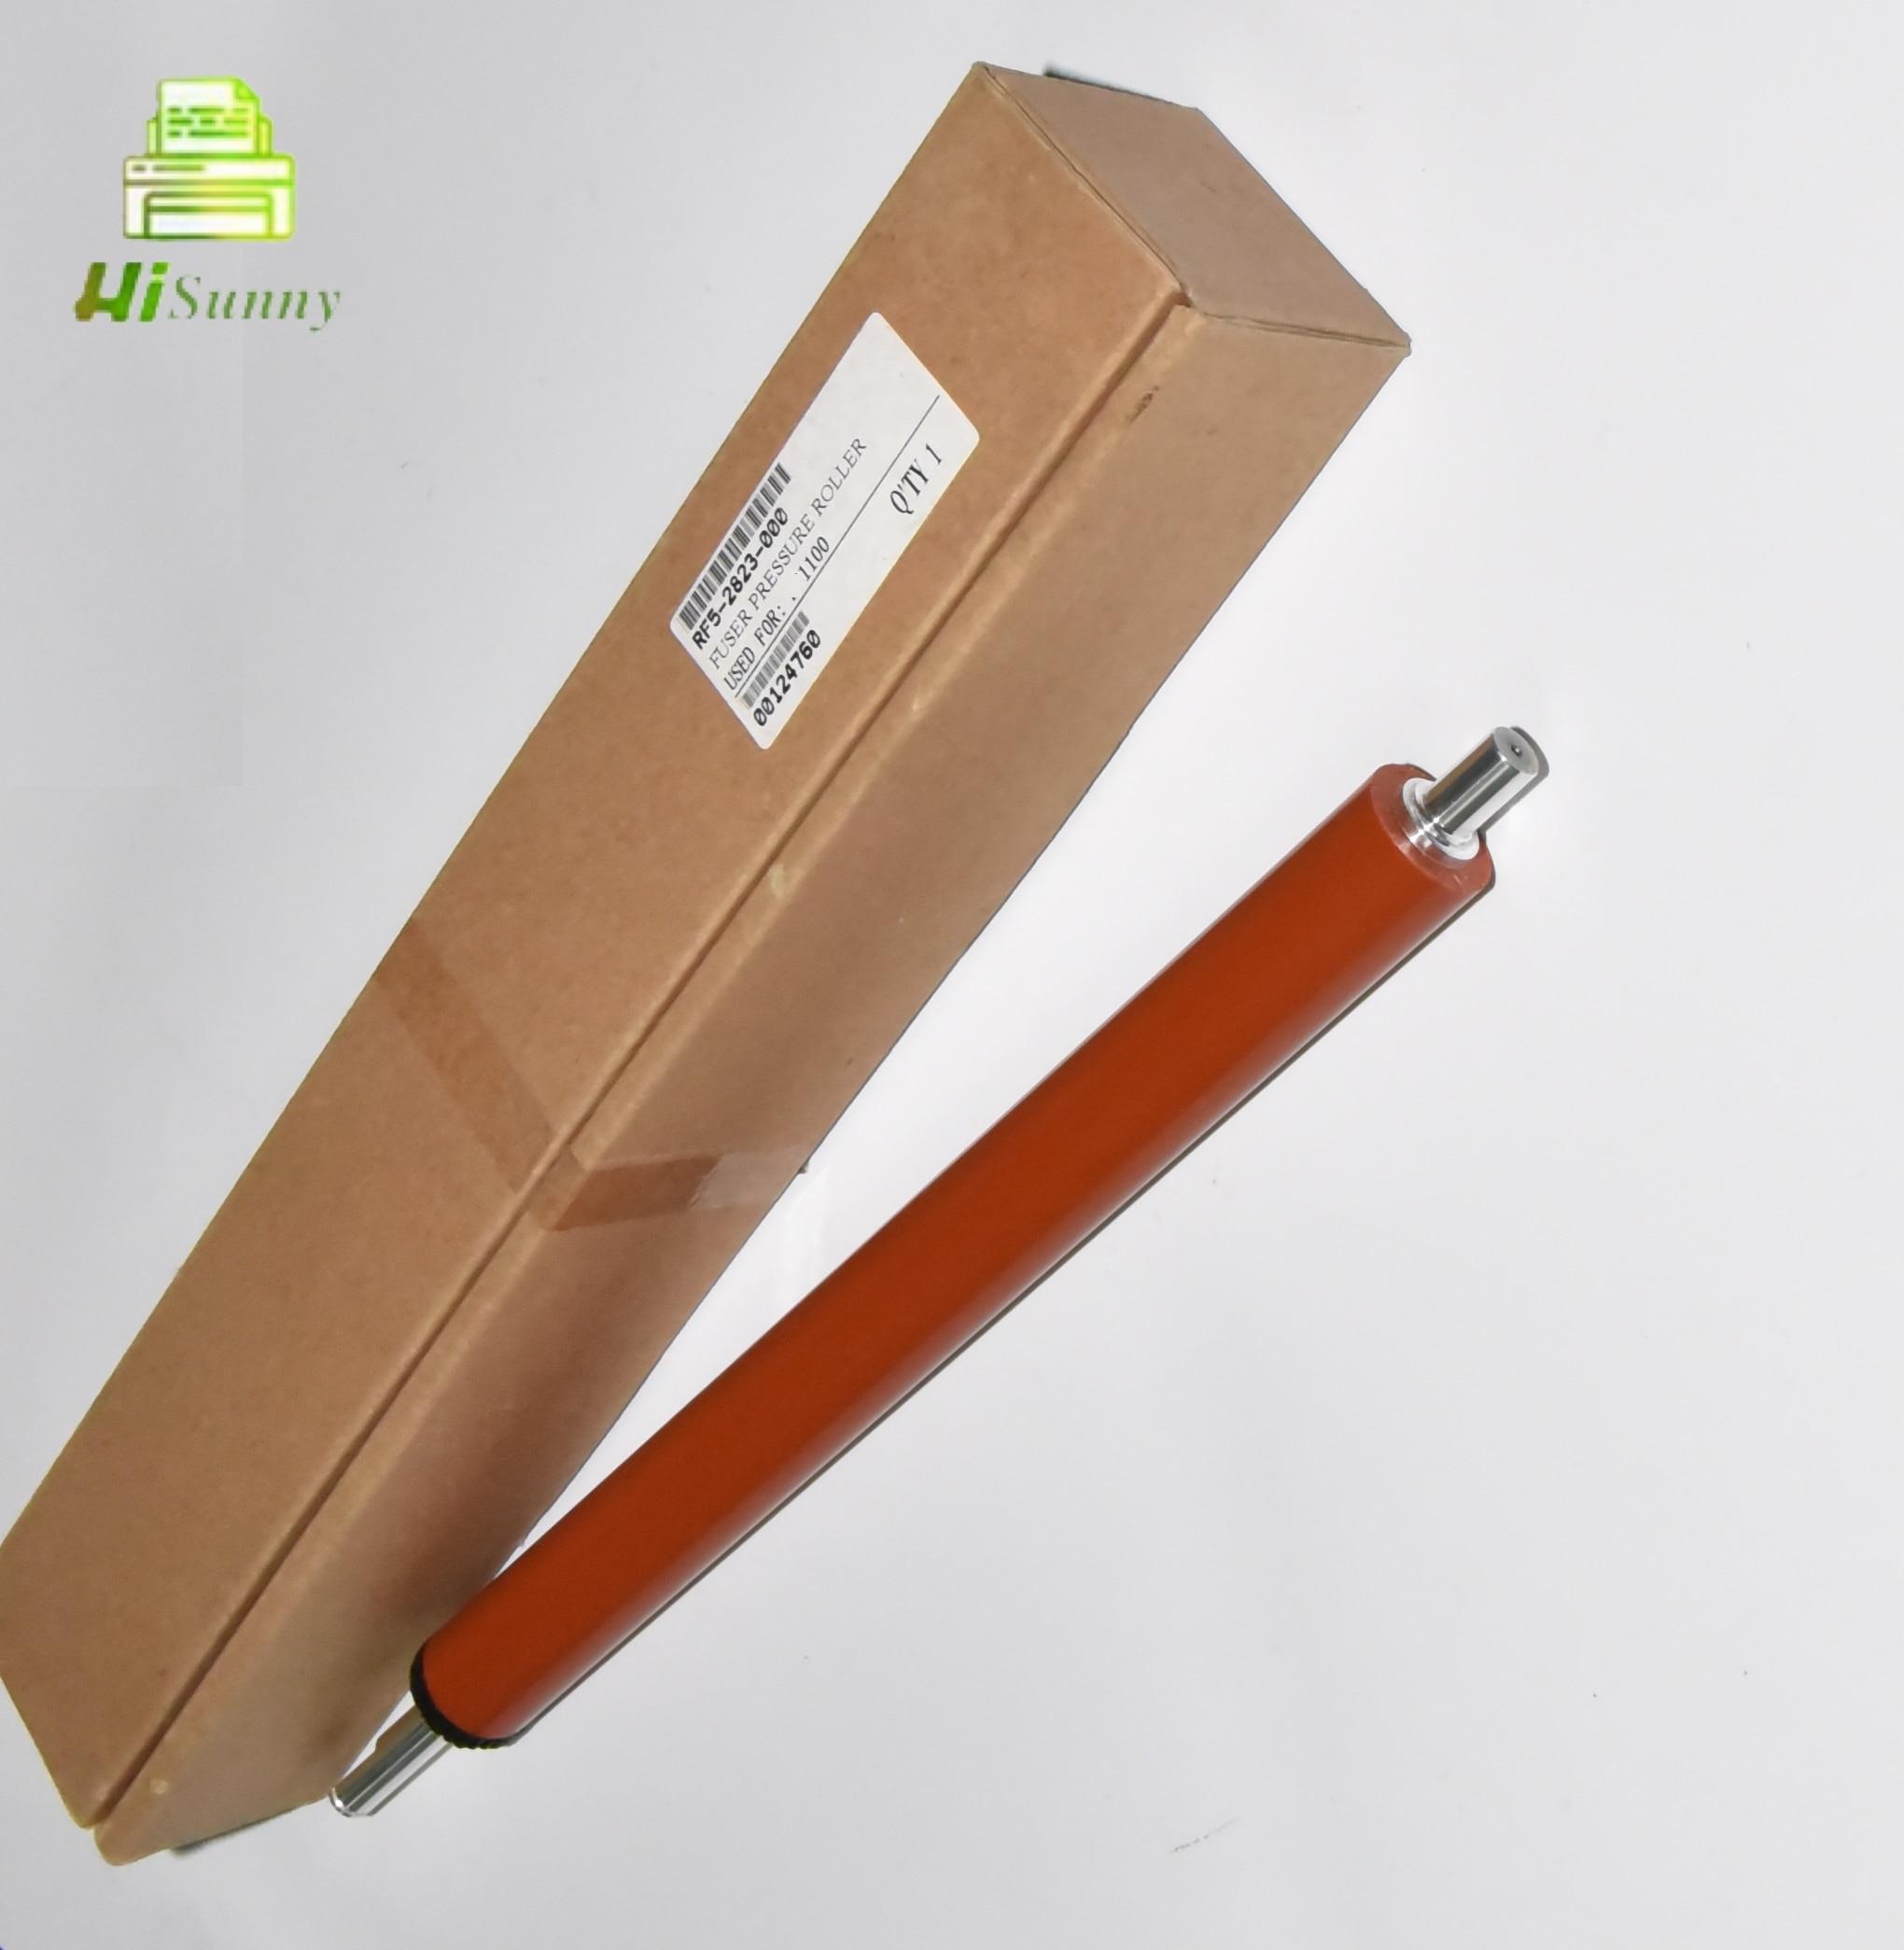 RF5-2823 RF5-2823-000 For HP 1100 3200 LBP1120 Lower Sleeved Fuser Pressure Roller